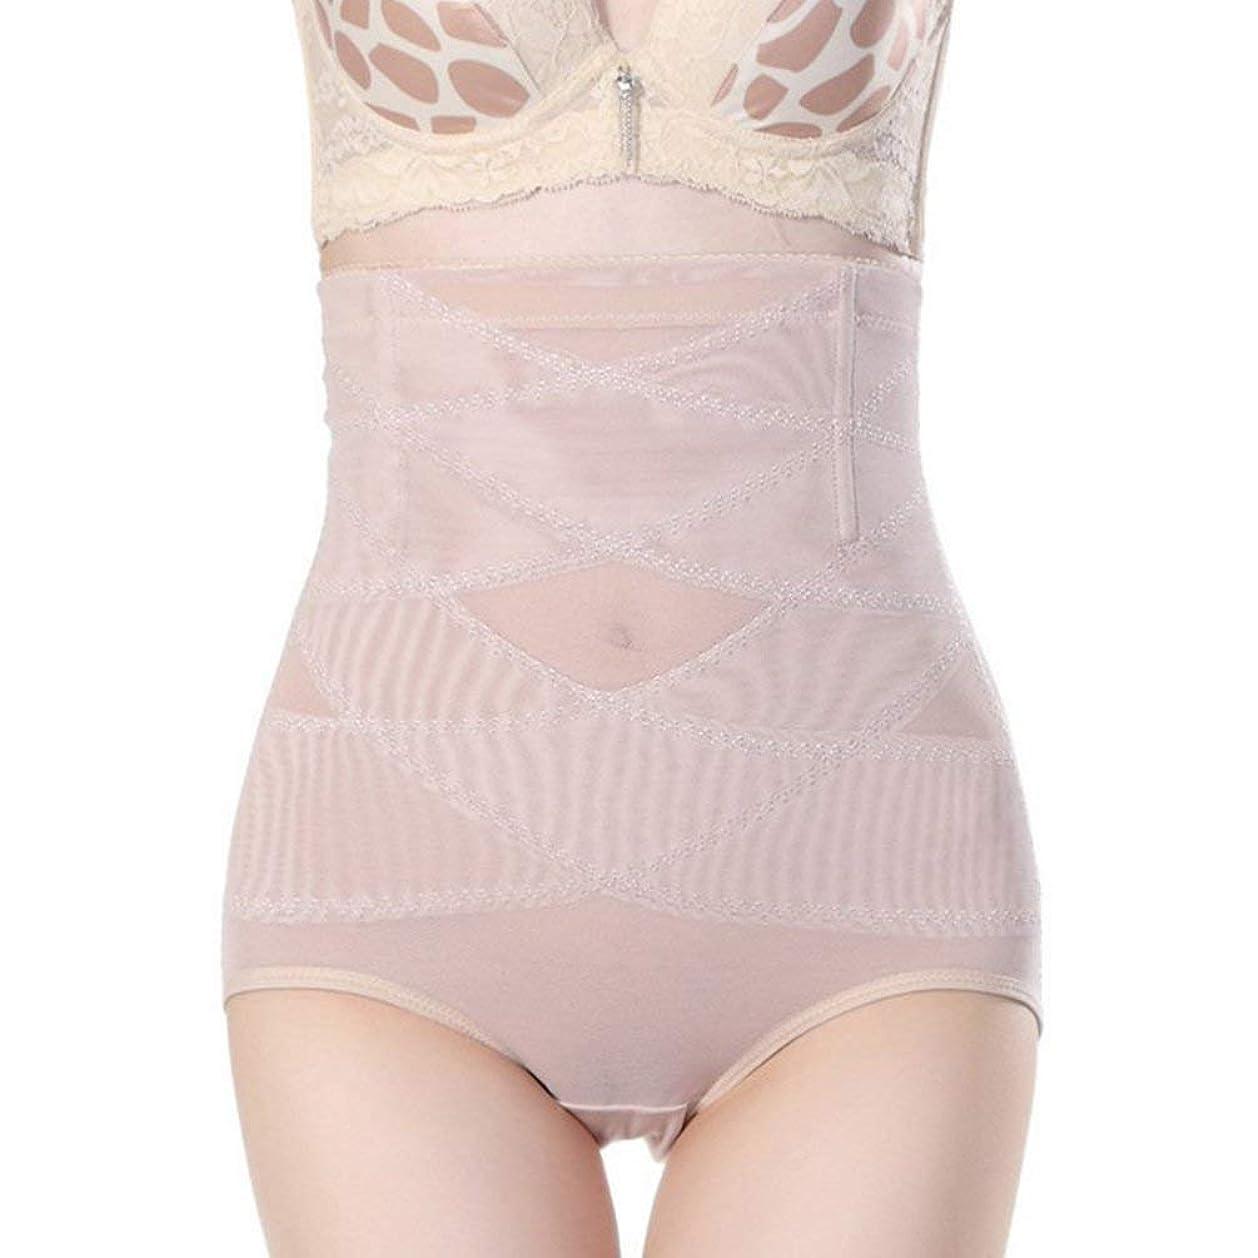 セットアップ調整可能フラップ腹部制御下着シームレスおなかコントロールパンティーバットリフターボディシェイパーを痩身通気性のハイウエストの女性 - 肌色L